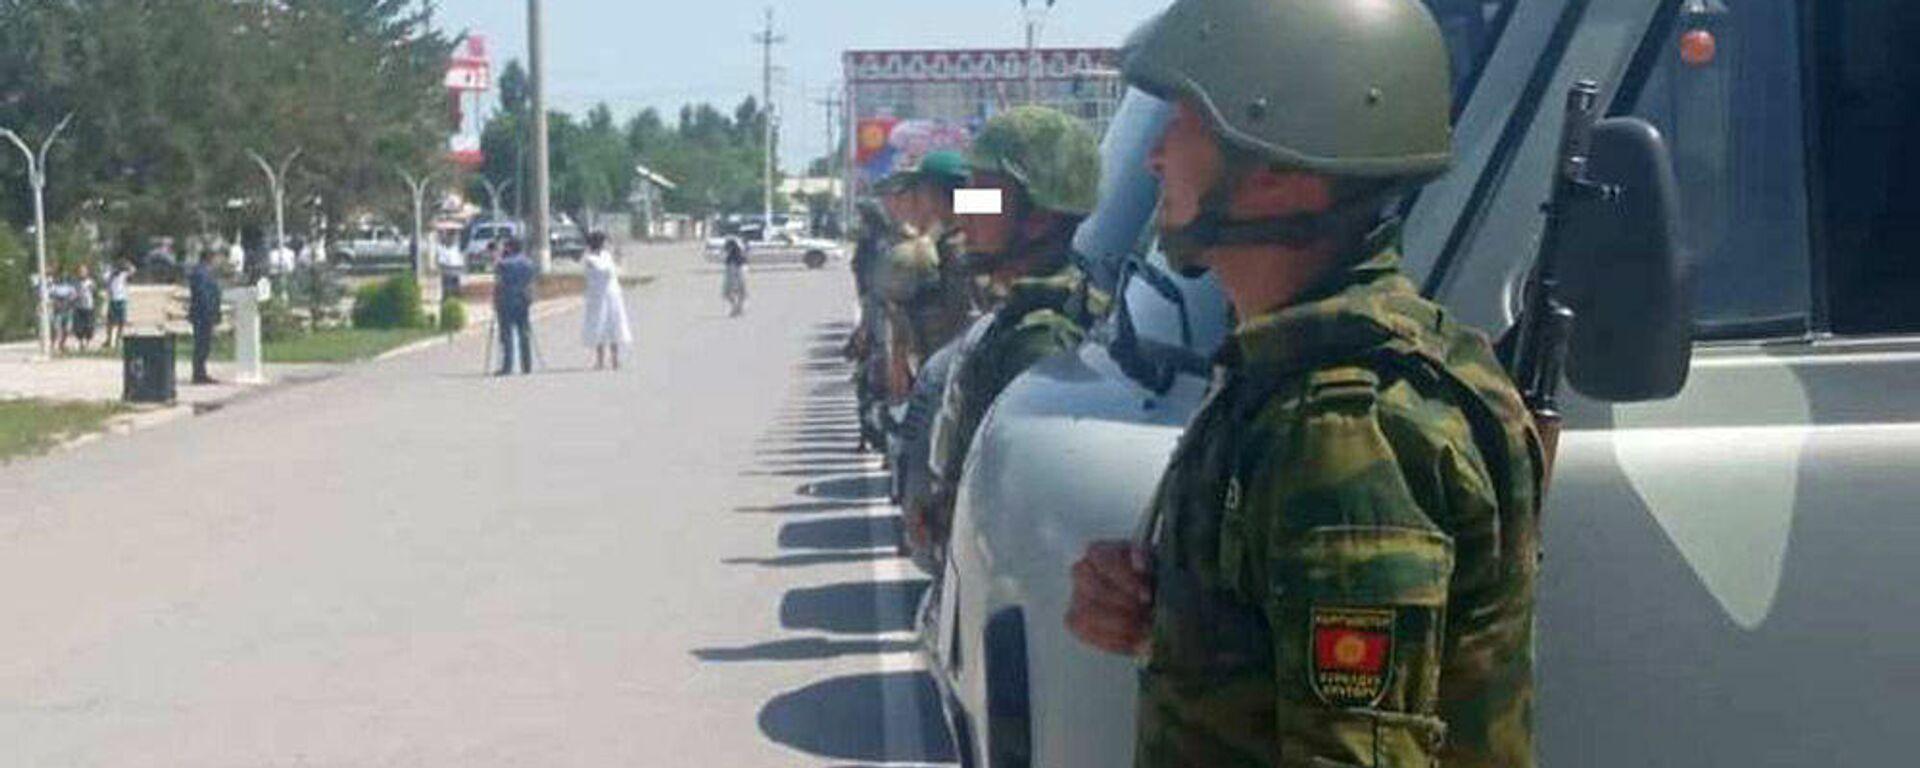 На кыргызско-таджикской границе проводится совместная специальная пограничная операция по противодействию контрабанде - Sputnik Тоҷикистон, 1920, 03.08.2021